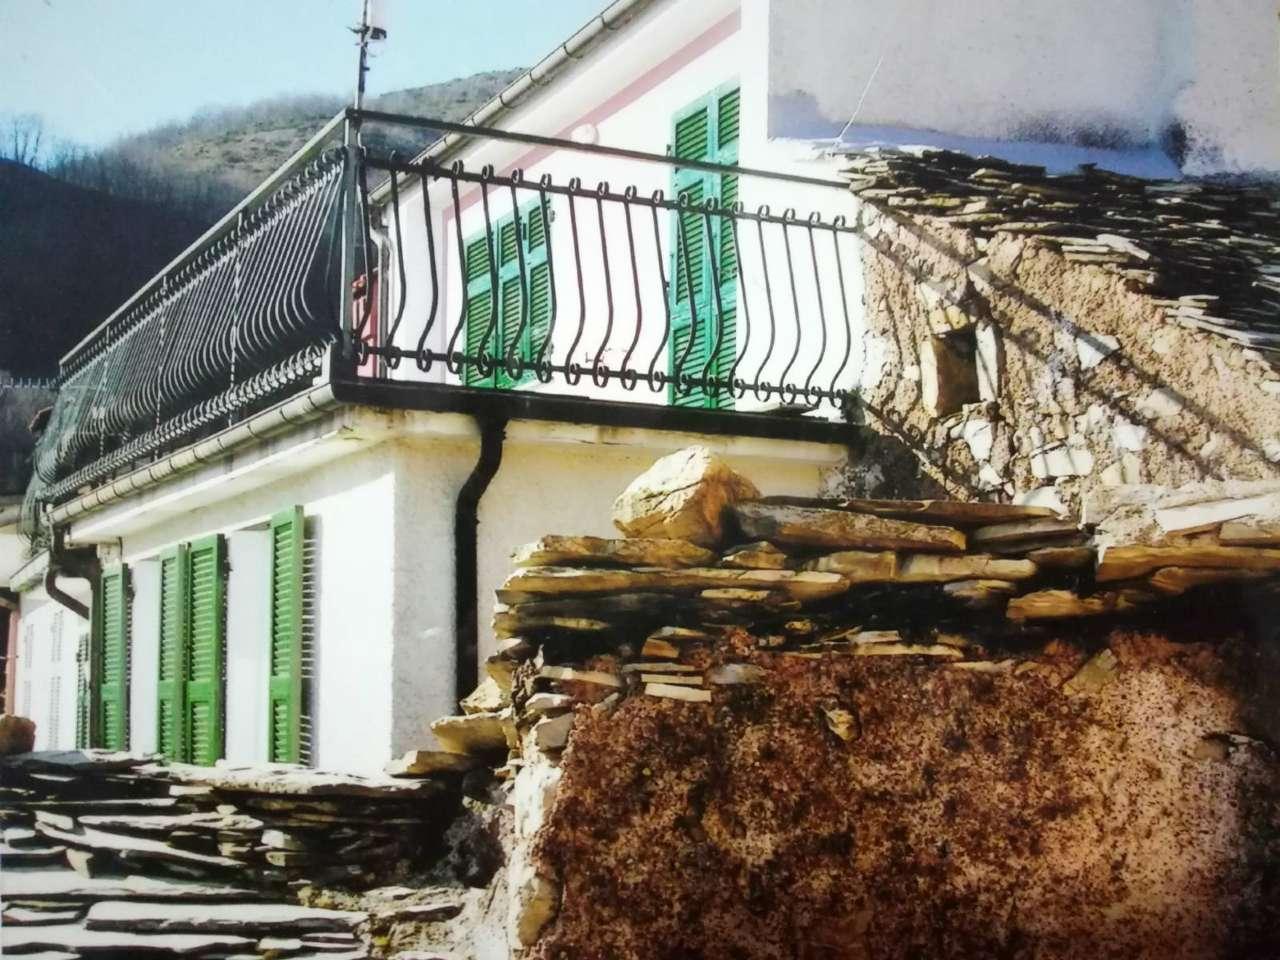 Appartamento in vendita a Maissana, 3 locali, prezzo € 27.000 | CambioCasa.it